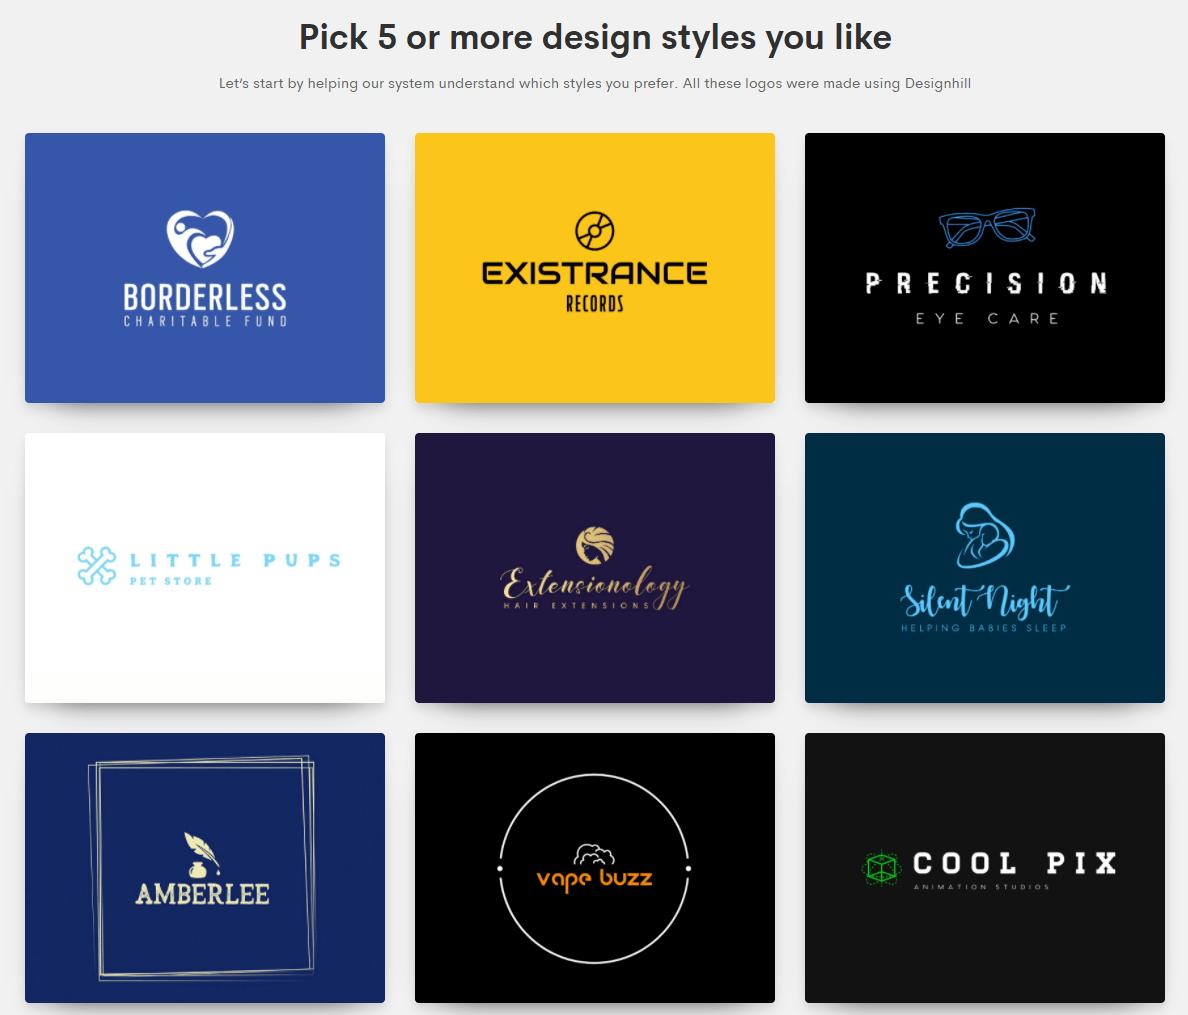 디자인 힐, Design Hill, 무료 로고, 로고 제작 사이트, 로고 메이커, 로고 만들기, 로고 디자인